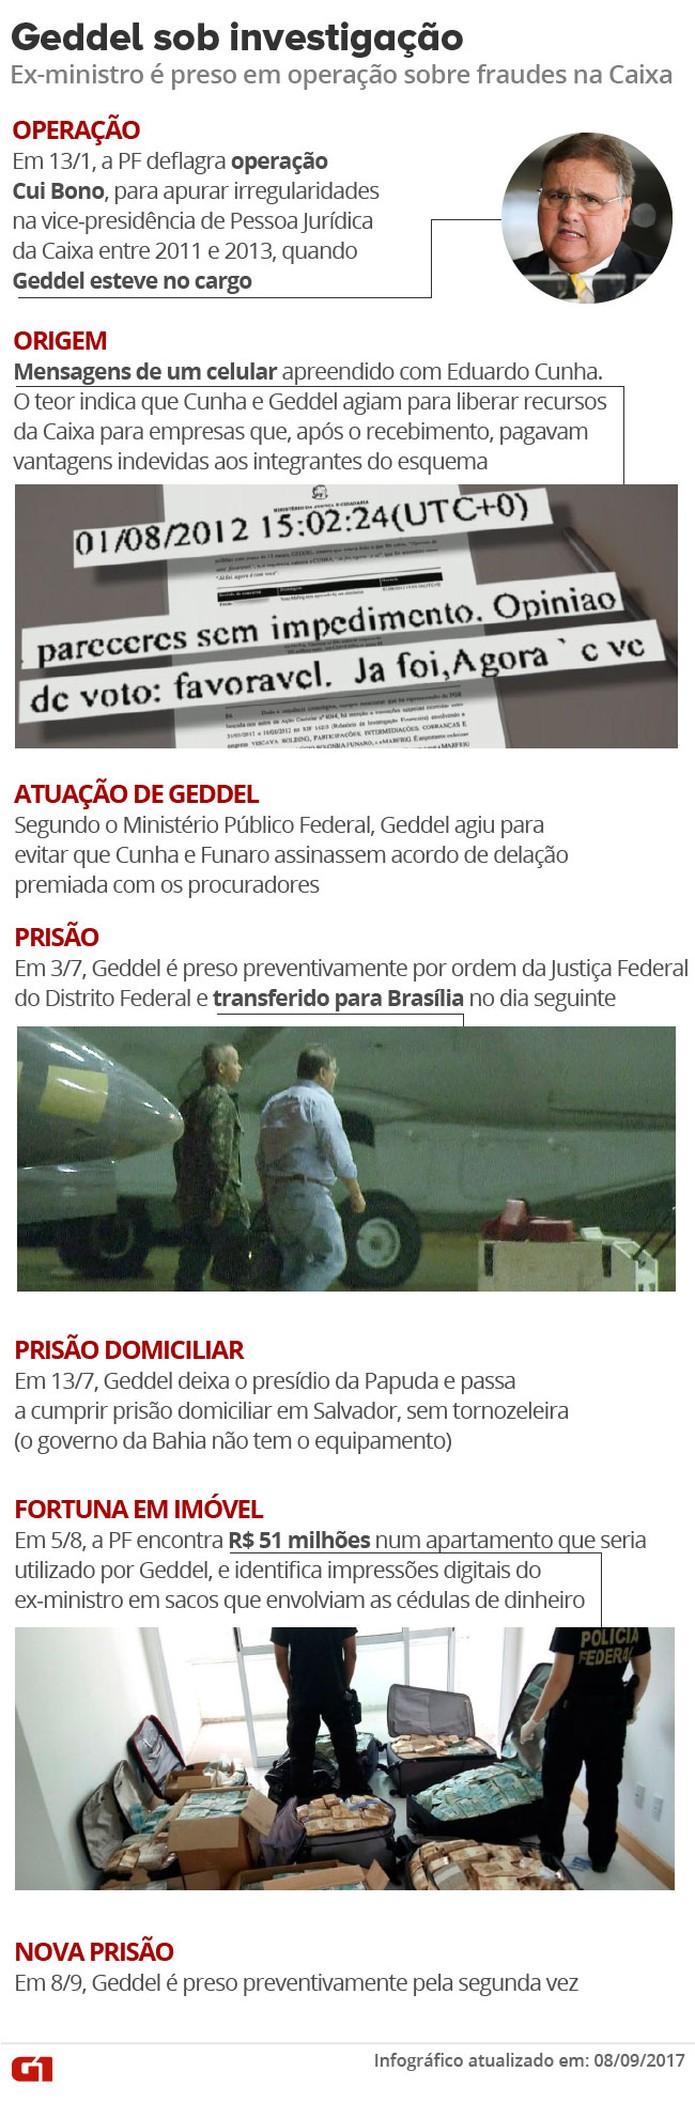 Geddel sob investigação - Operações Cui Bono e Tesouro Perdido